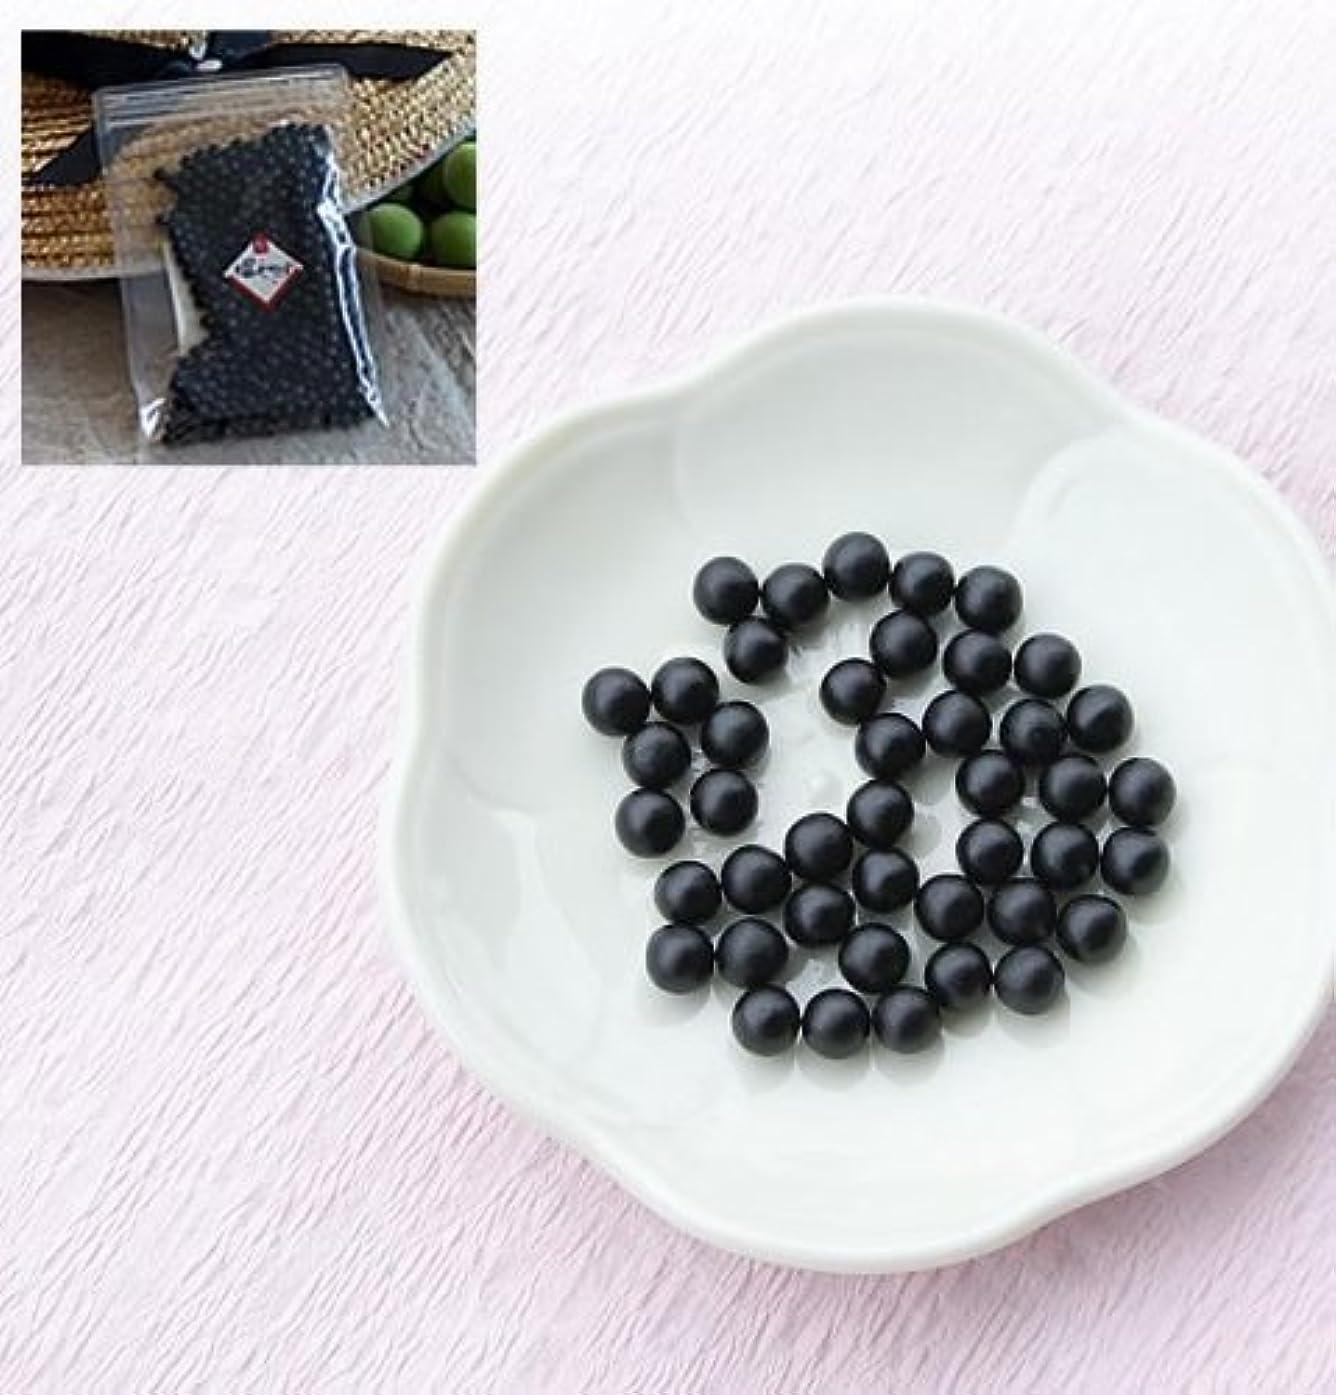 提供されたアラブサラボ根絶する深見梅店 青梅から作った梅肉エキス粒タイプ 100g(約3か月?約600粒)